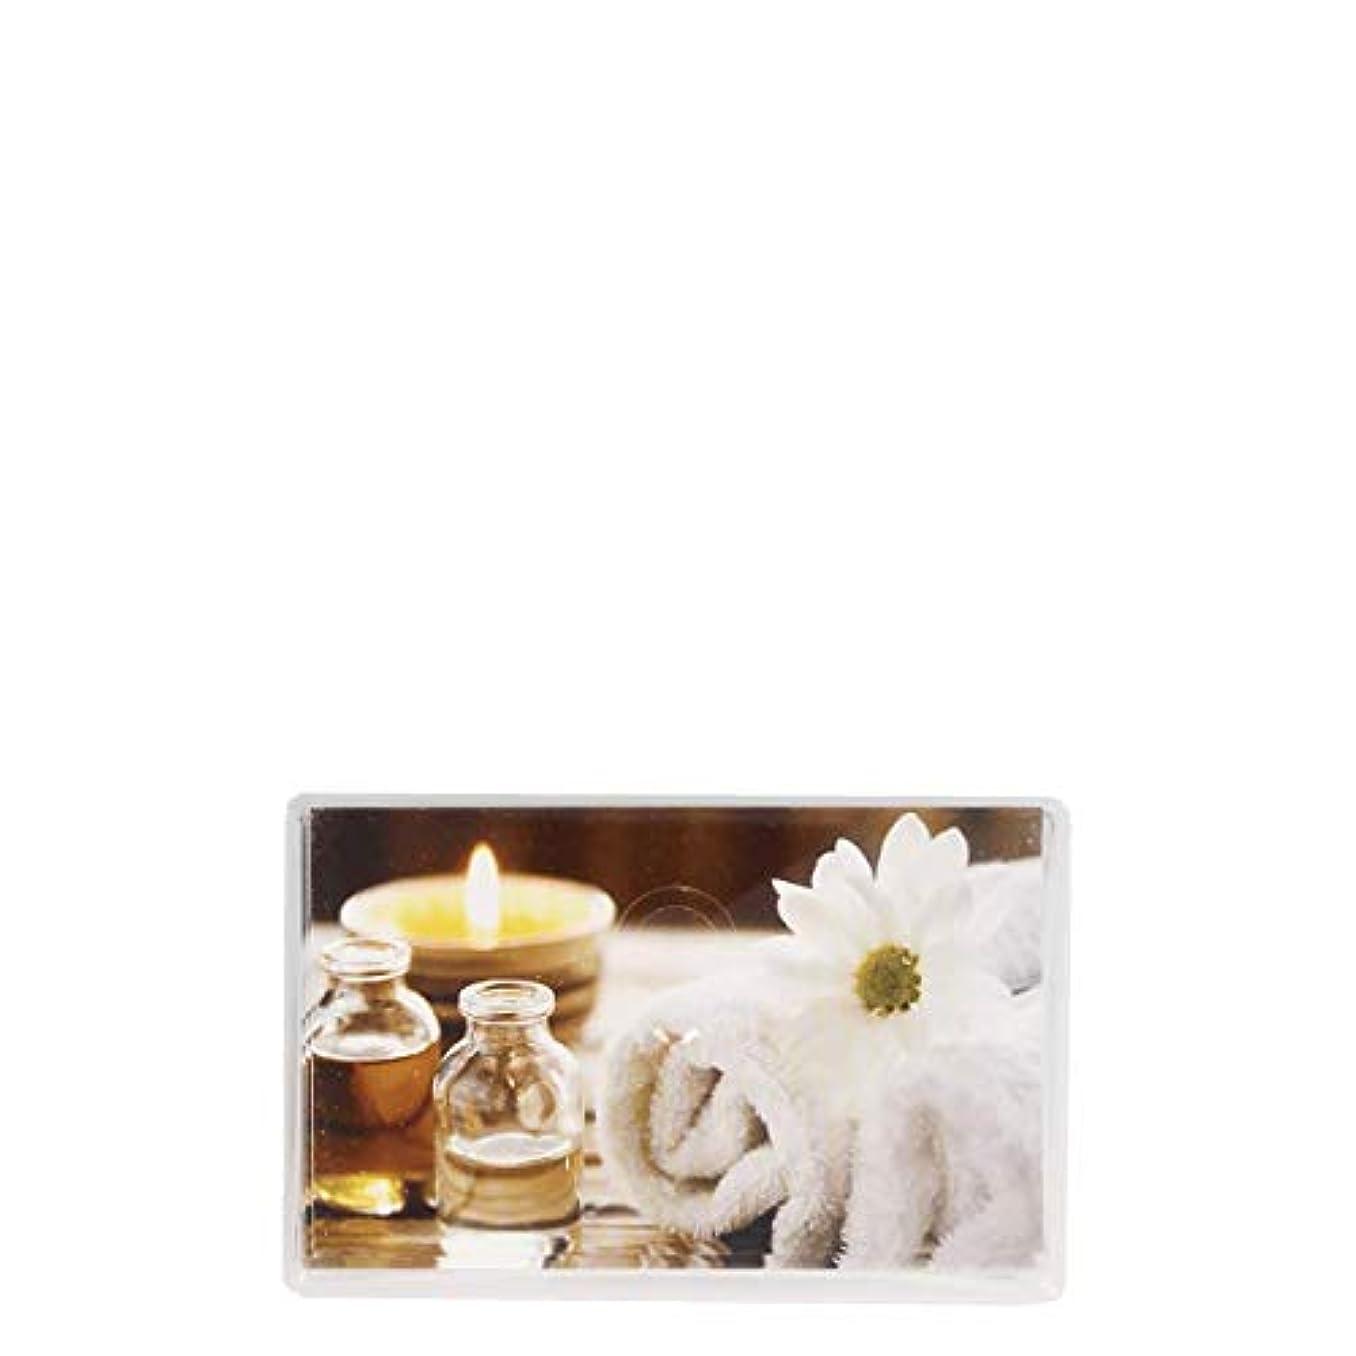 識別ギャングスター寄付するアポイントメントカード Appointment cards- AP5B BEAUTY DAISY CARDS x100[海外直送品] [並行輸入品]